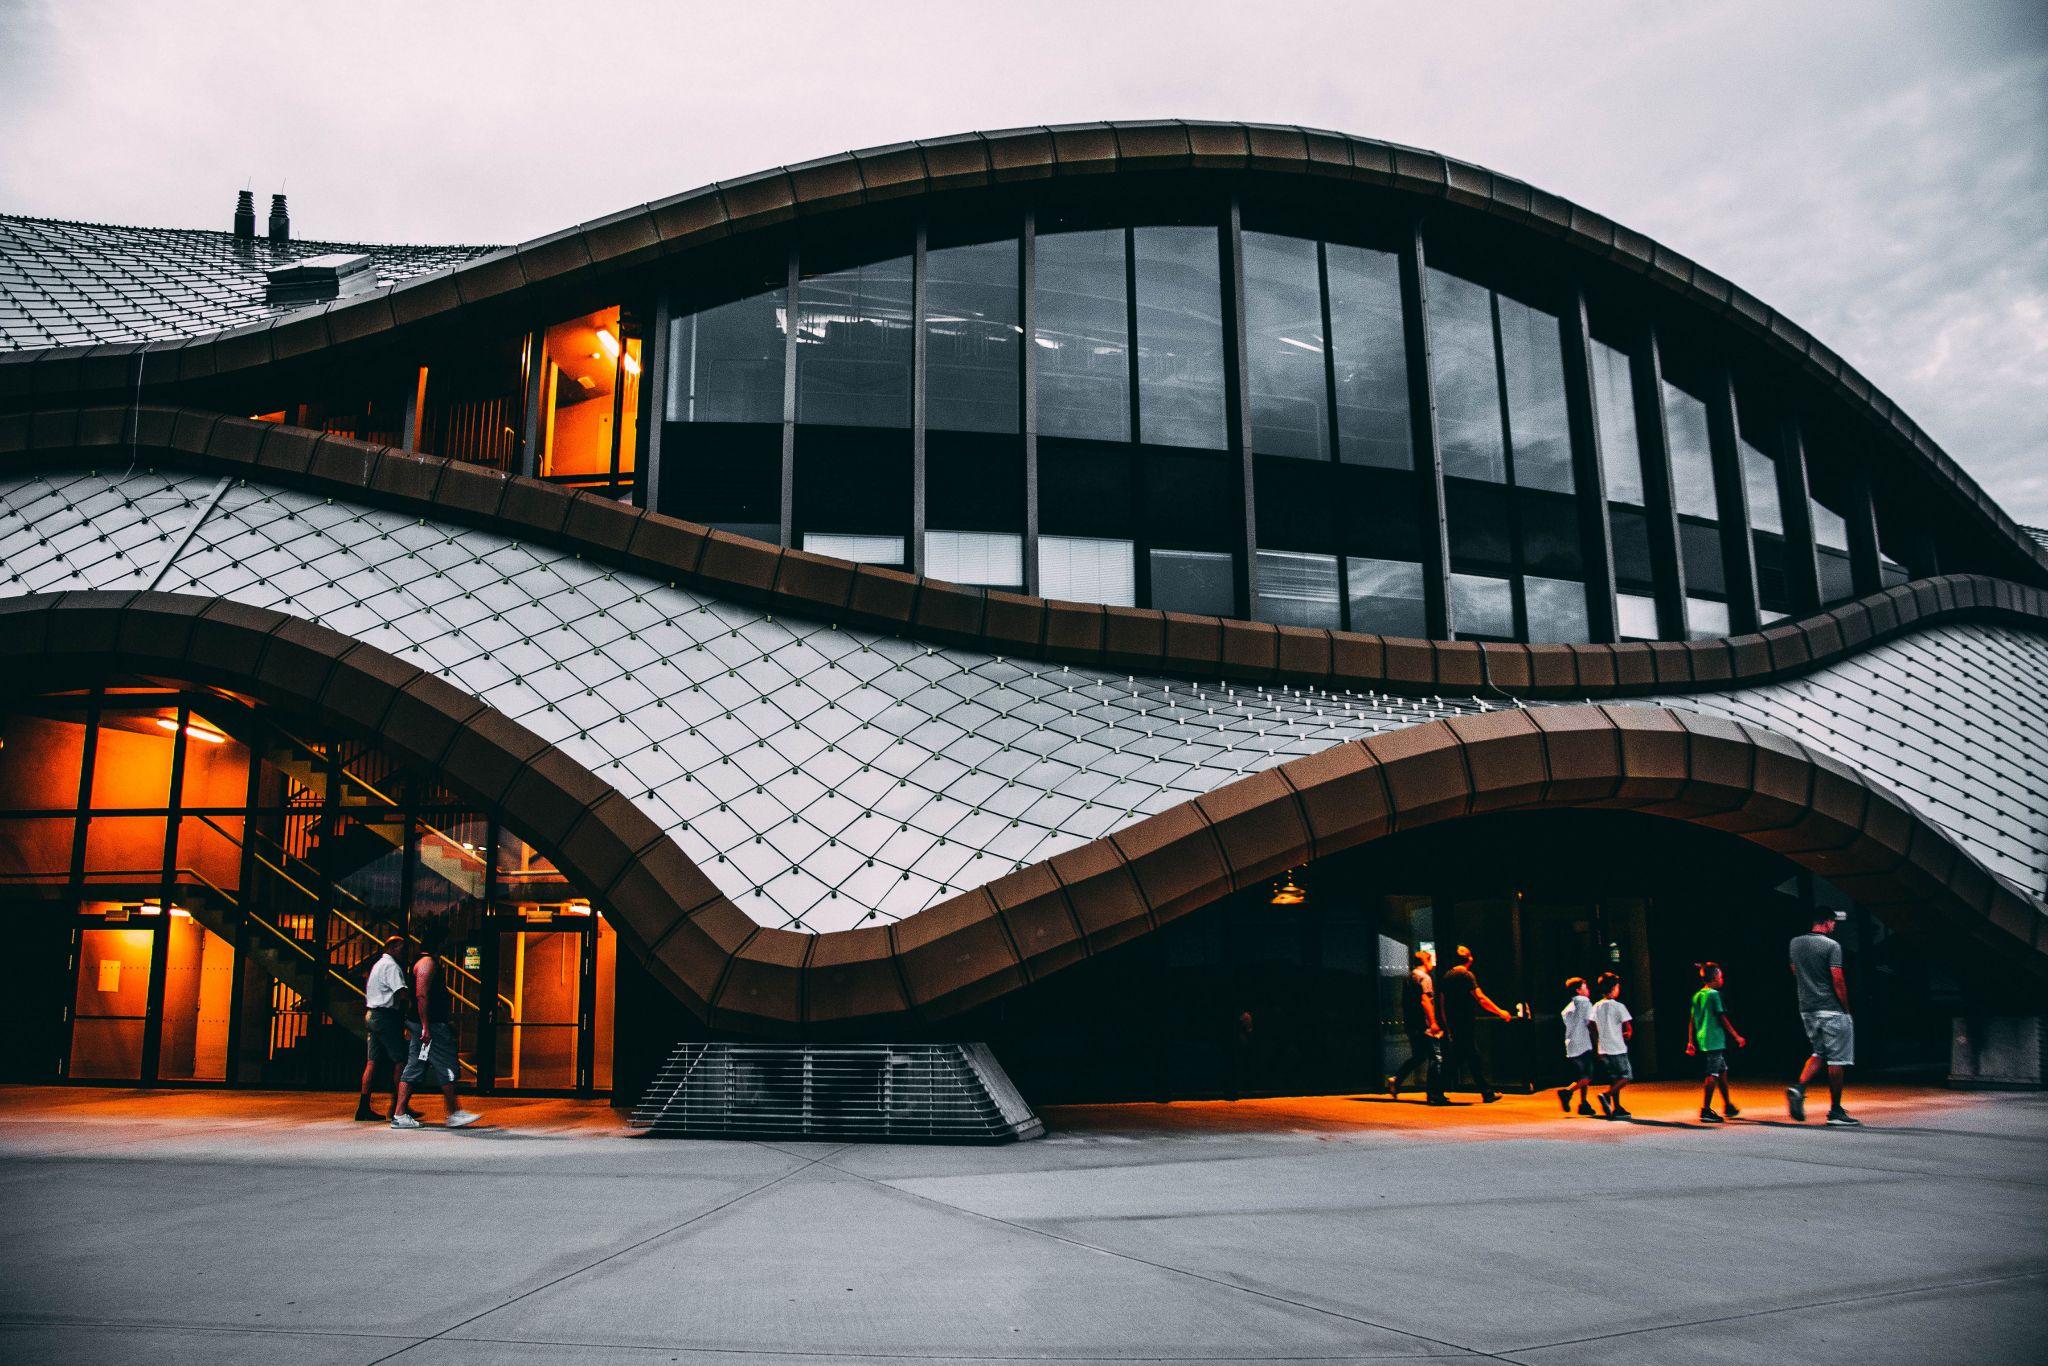 Stožice Arena, Slovenia